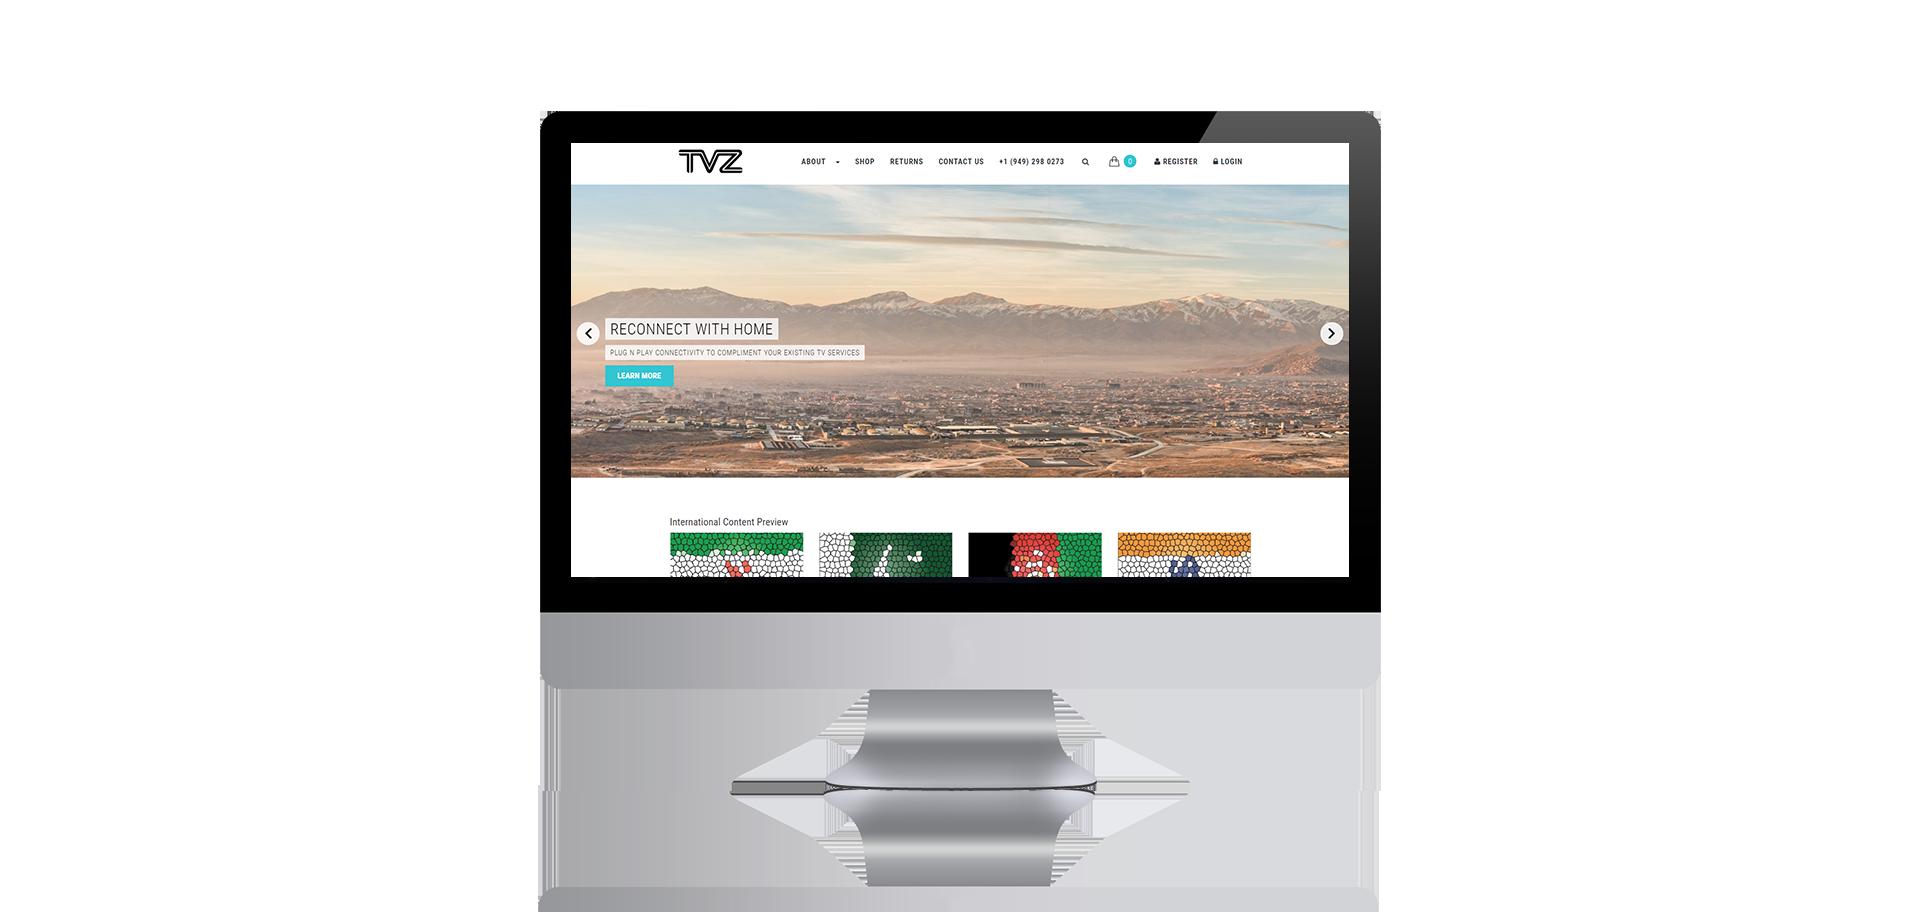 TVZone Plus